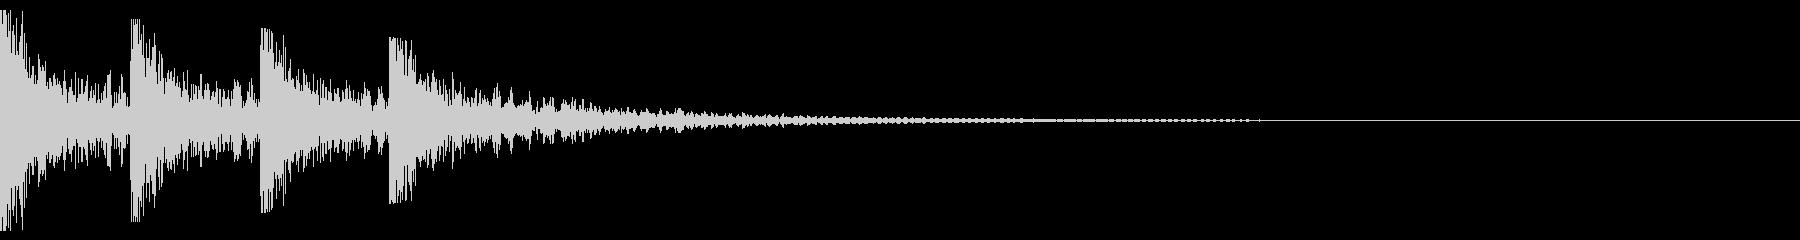 銭形警部登場イメージ_和風に太鼓でドンの未再生の波形